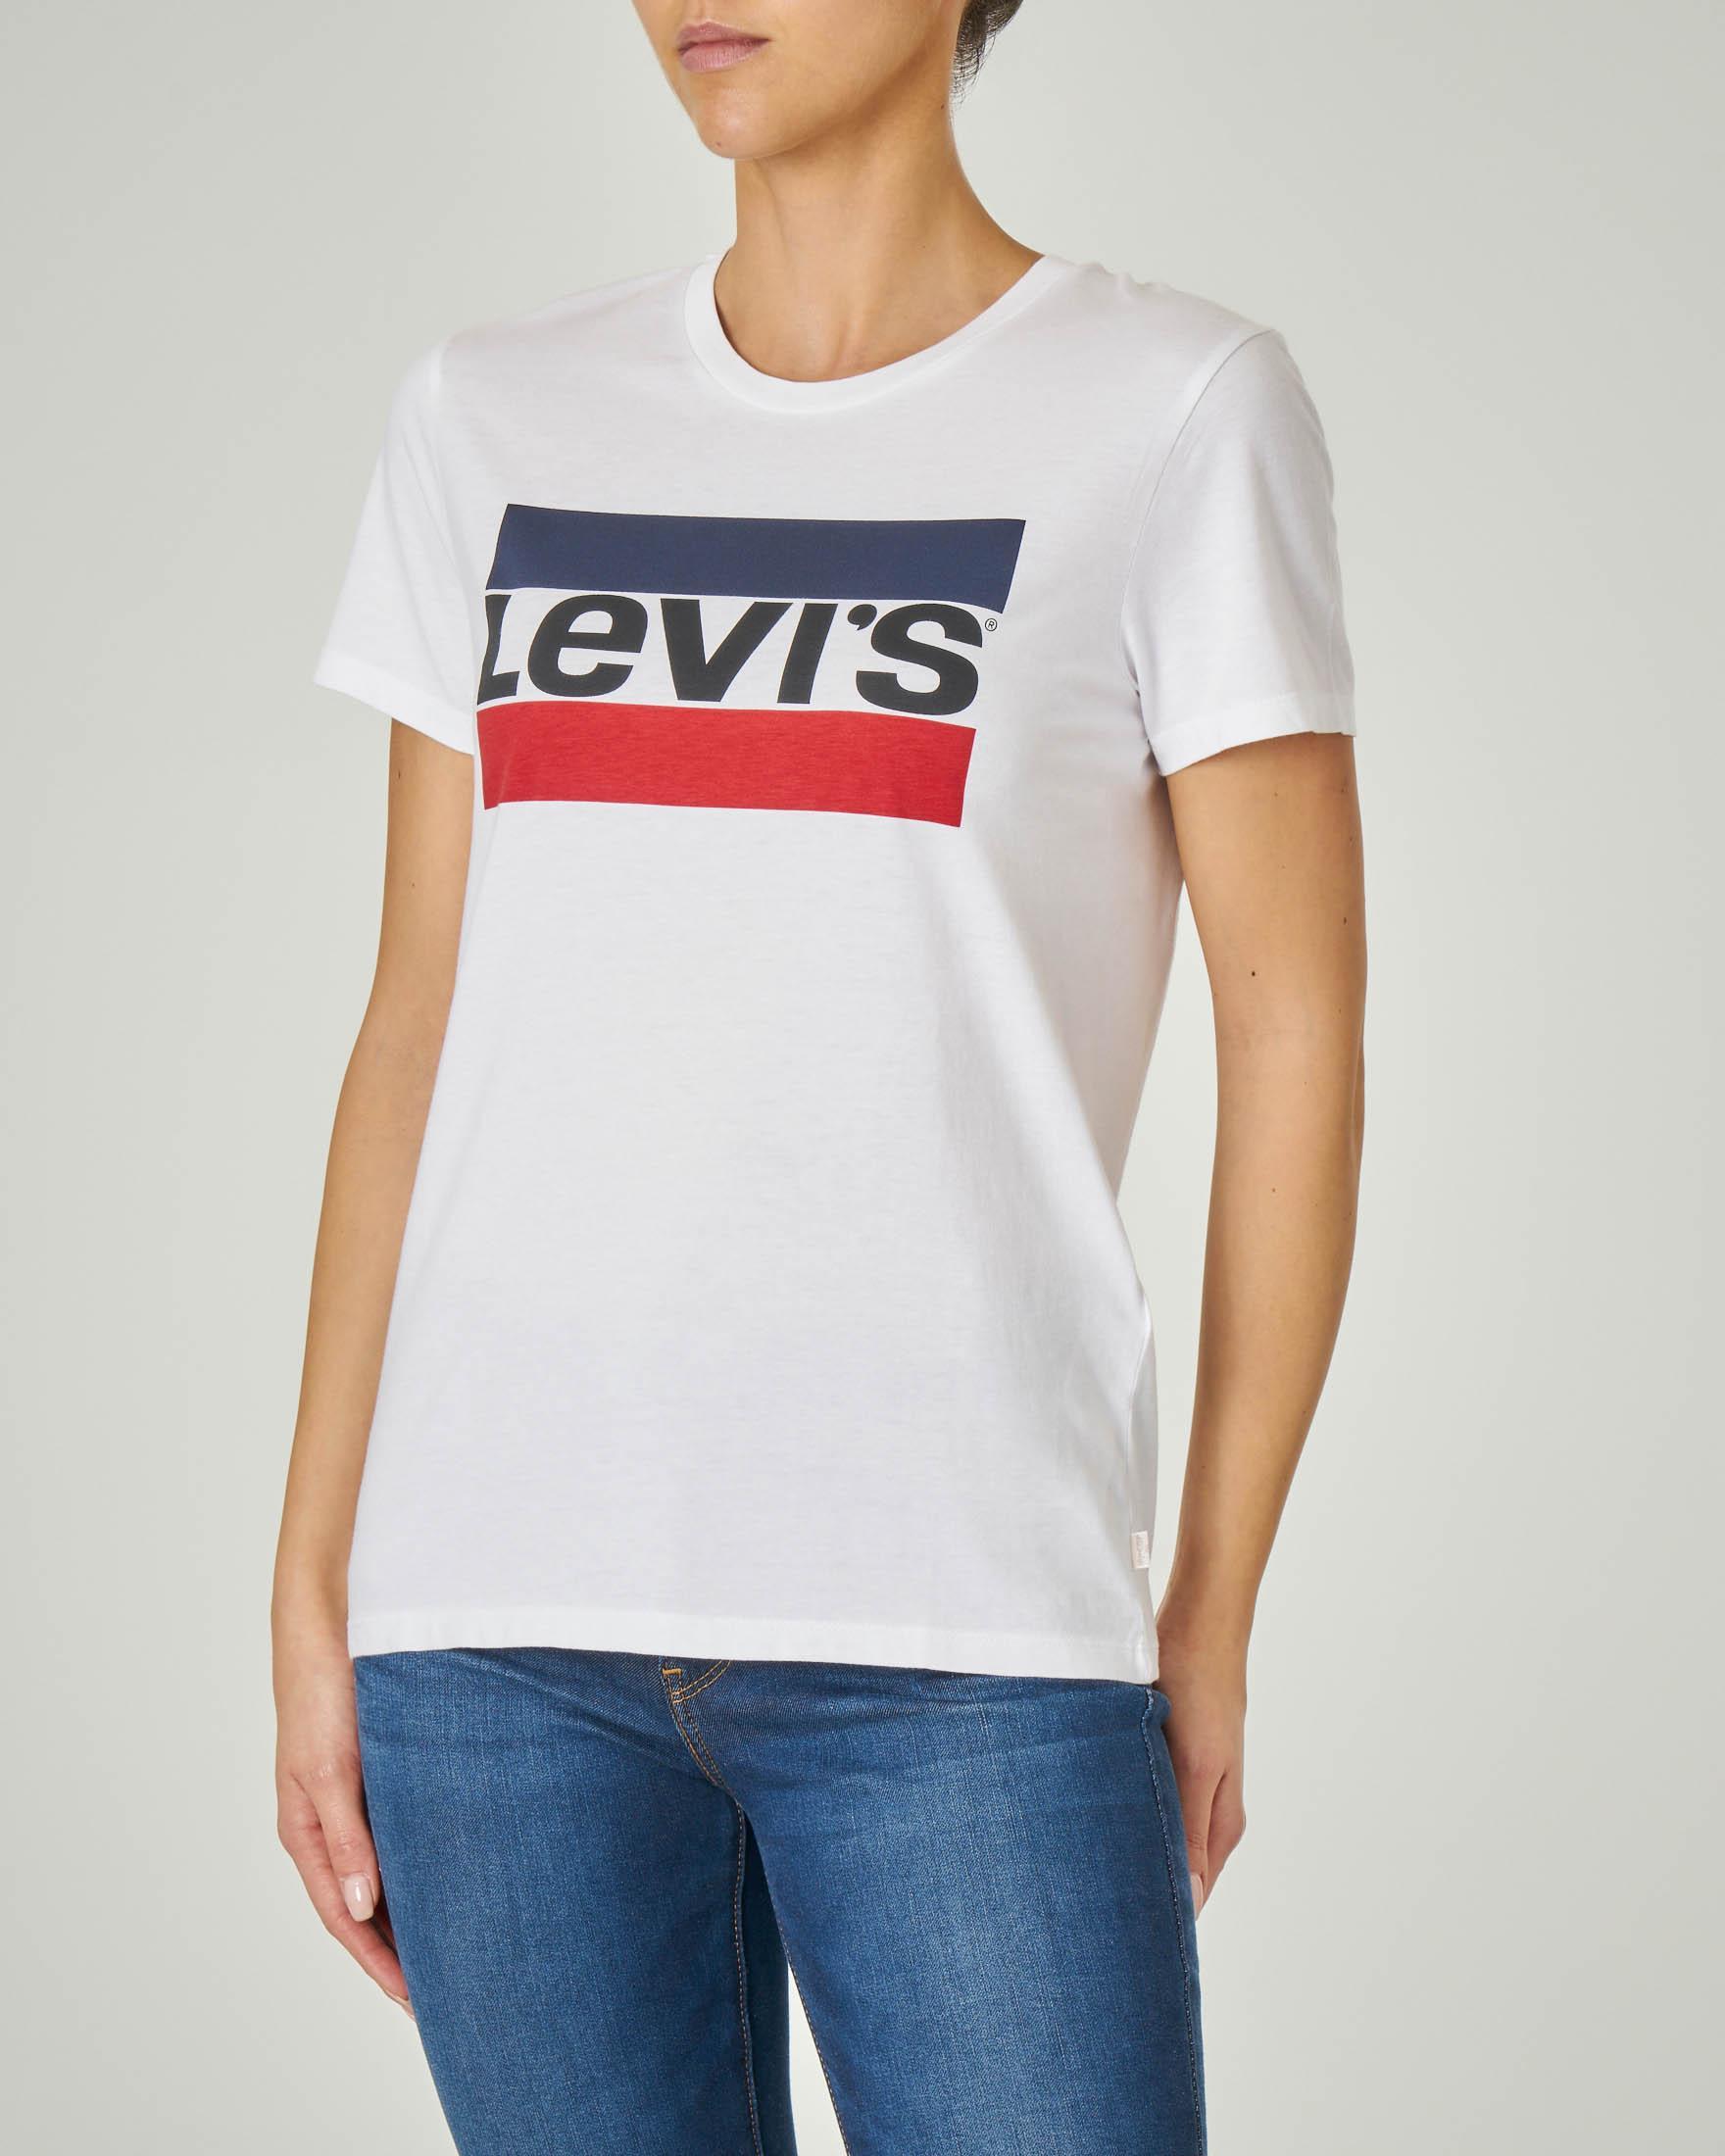 T-shirt maniche corte bianca in cotone con scritta logo stampata a blocchi di colore